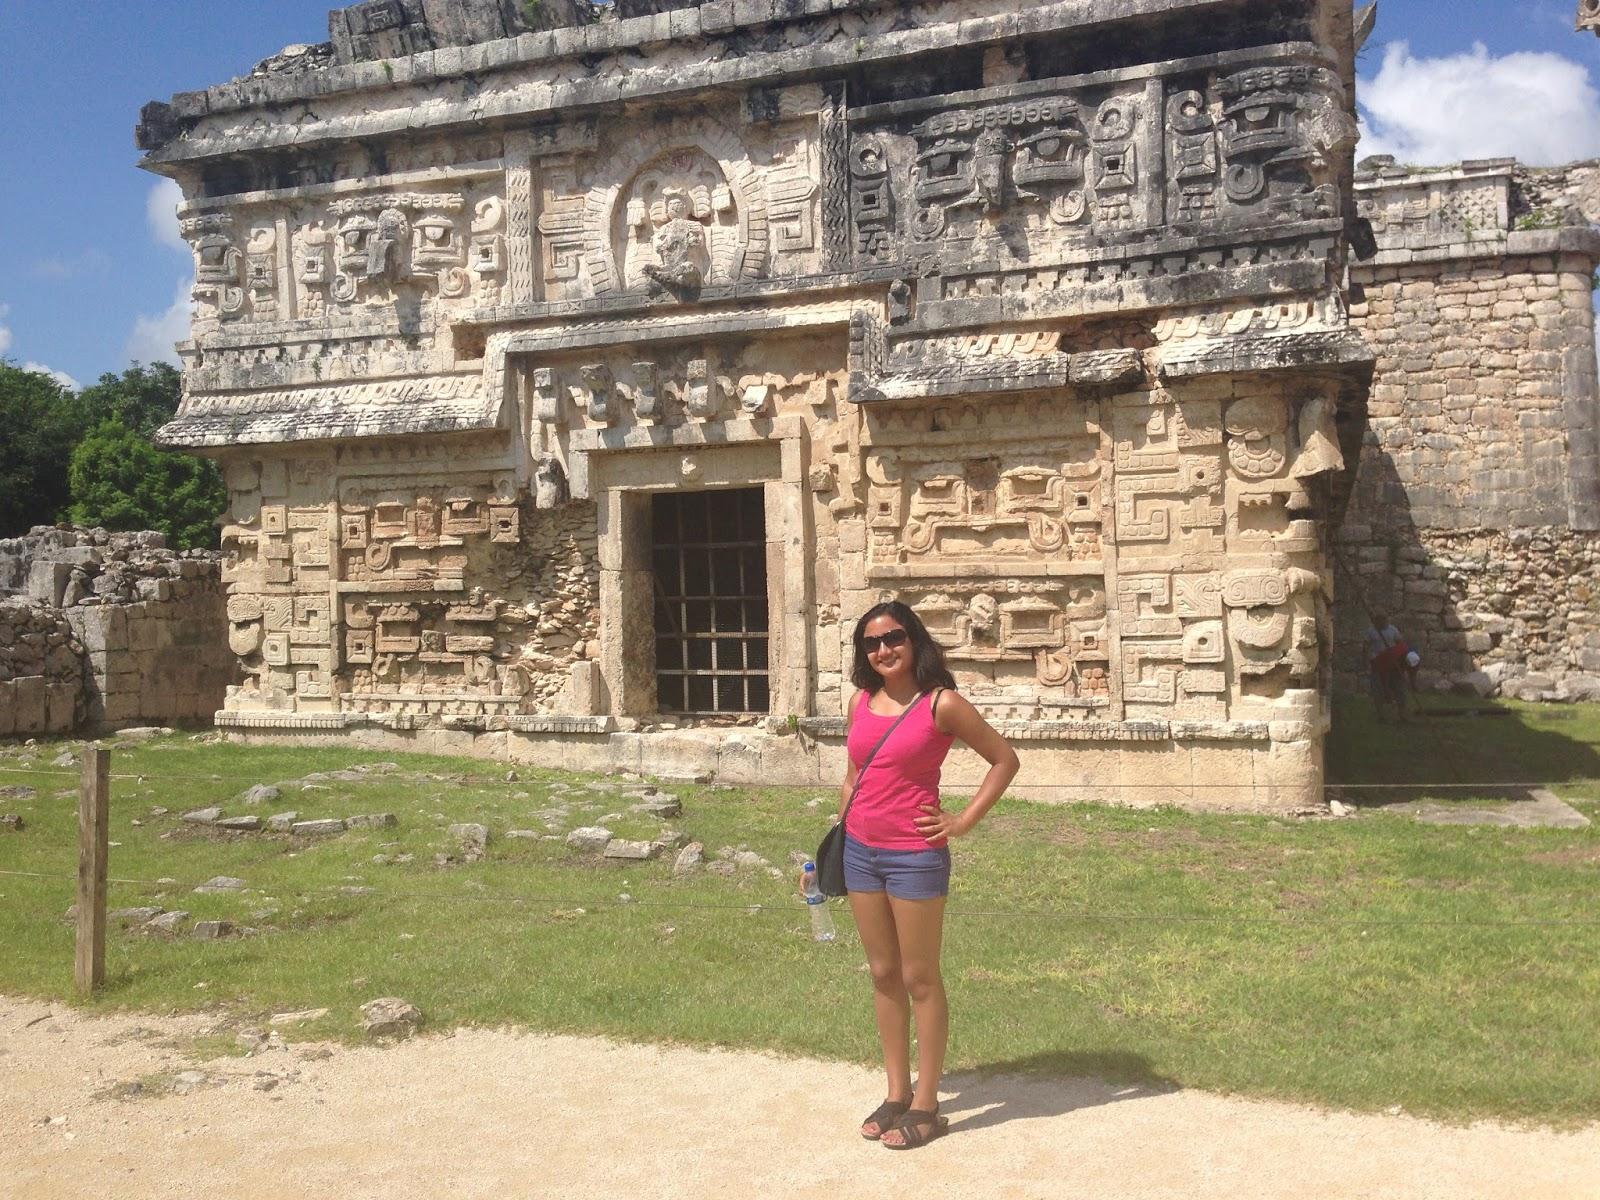 Visting Chichen Itza